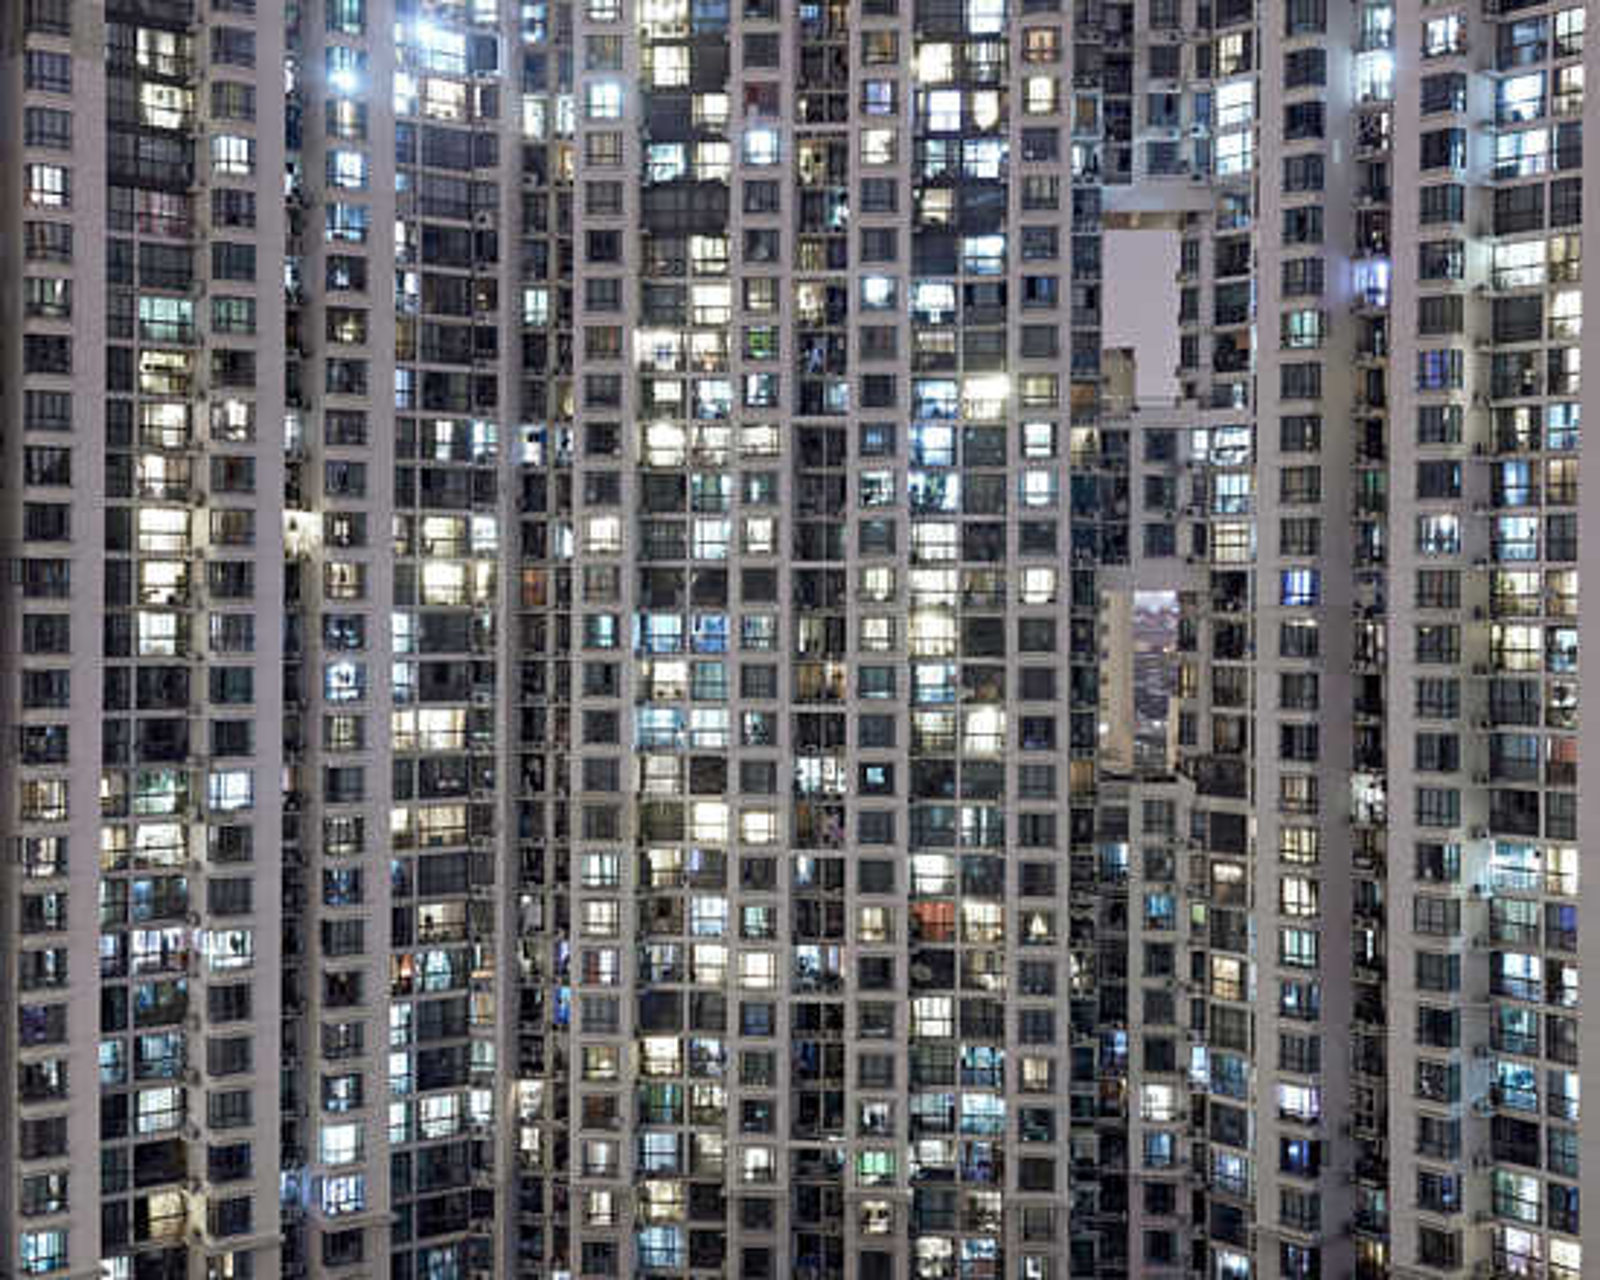 Urban landscape I - Bence Bakonyi